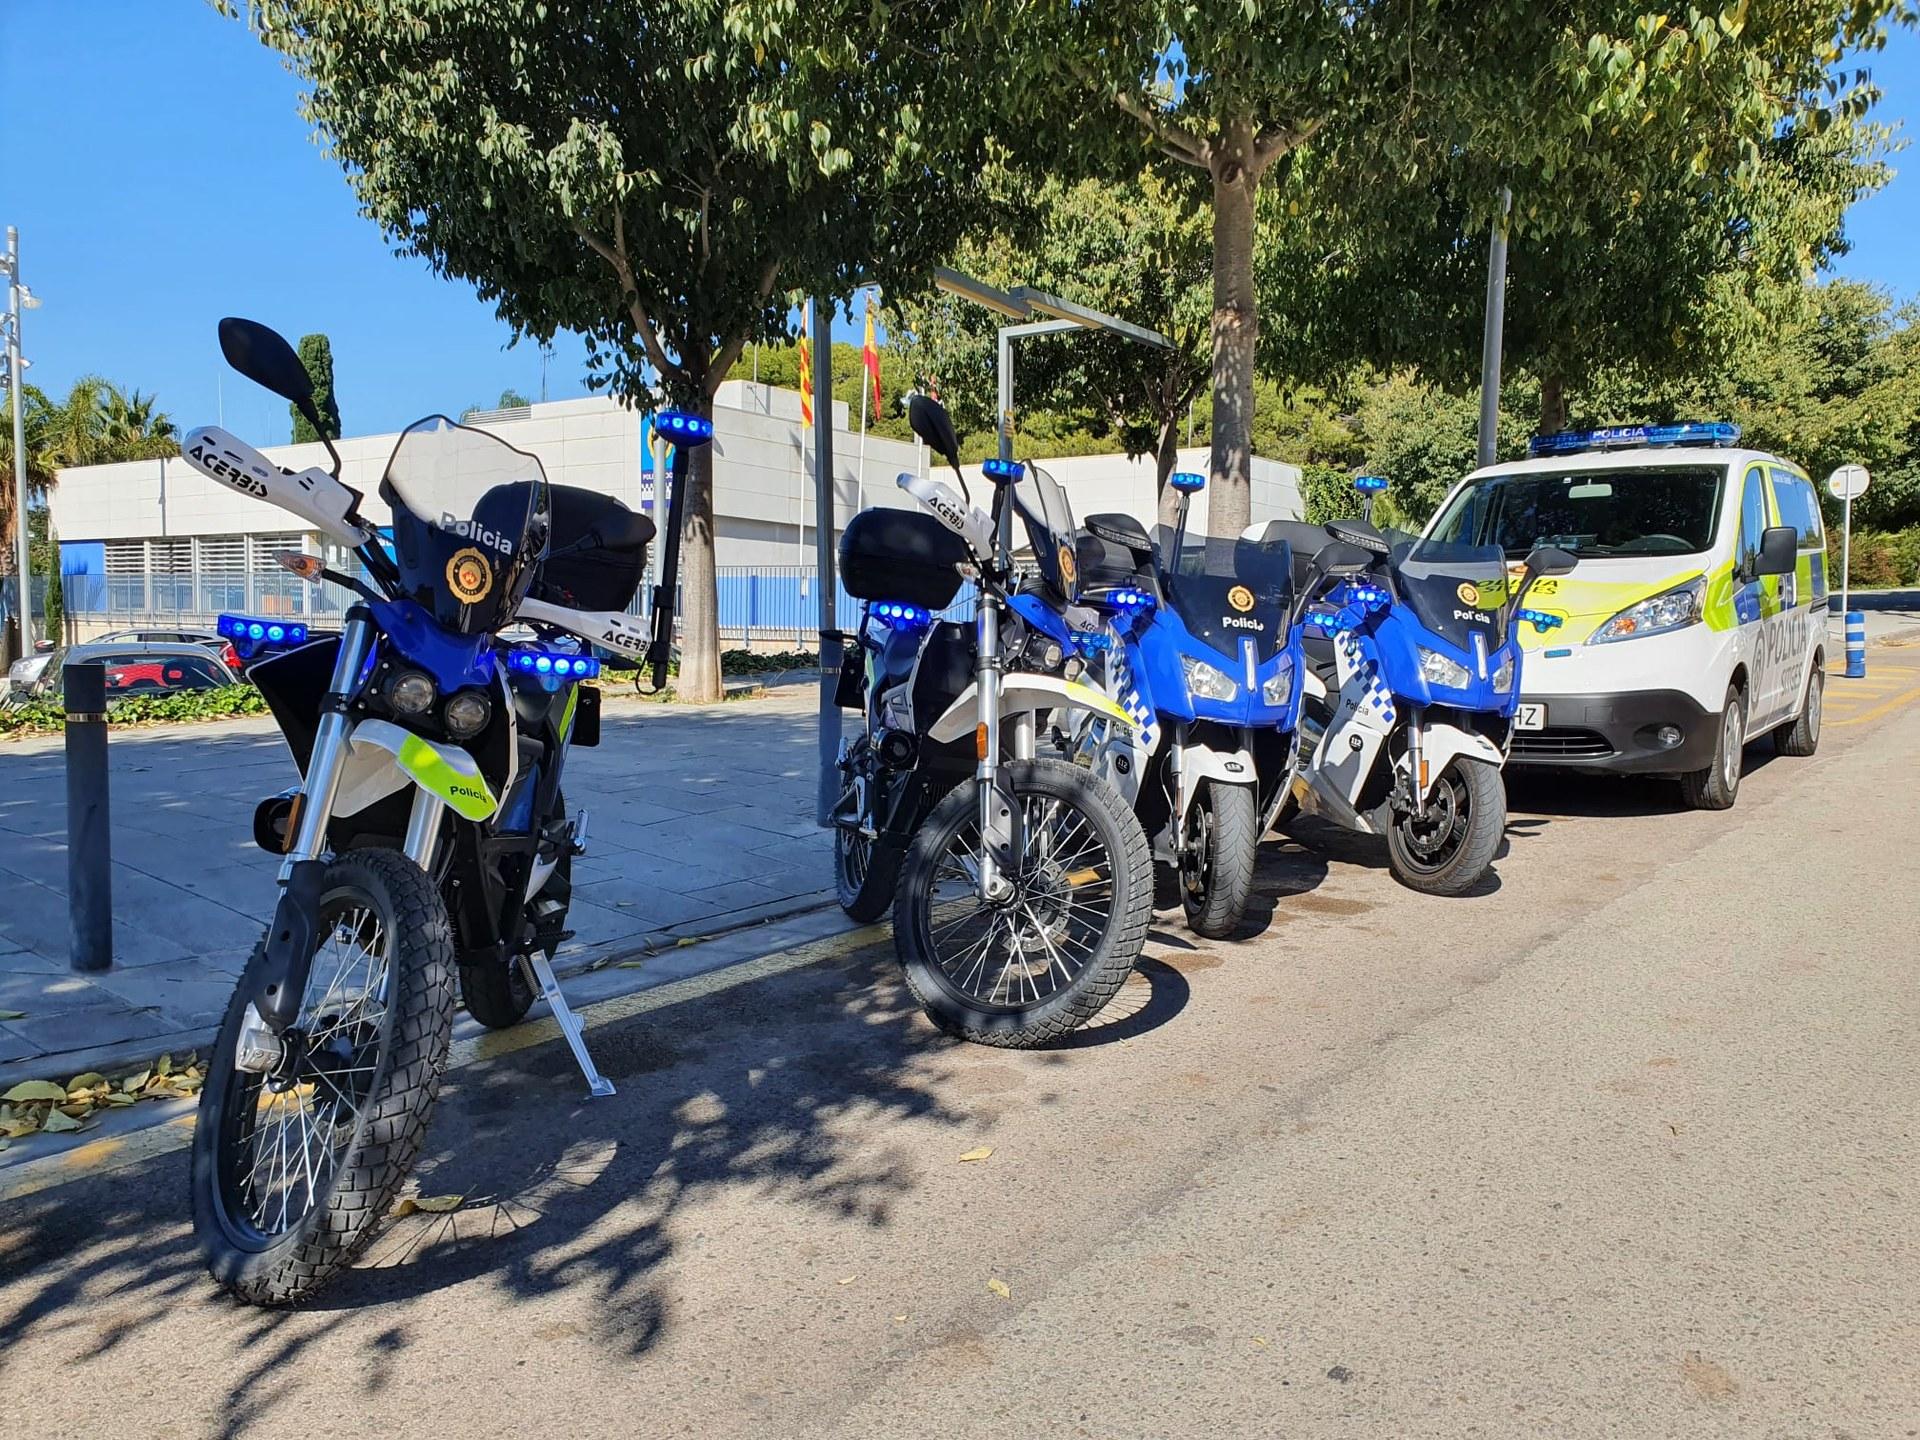 L'Ajuntament segueix el pla de millora del parc mòbil de vehicles amb dues motocicletes elèctriques